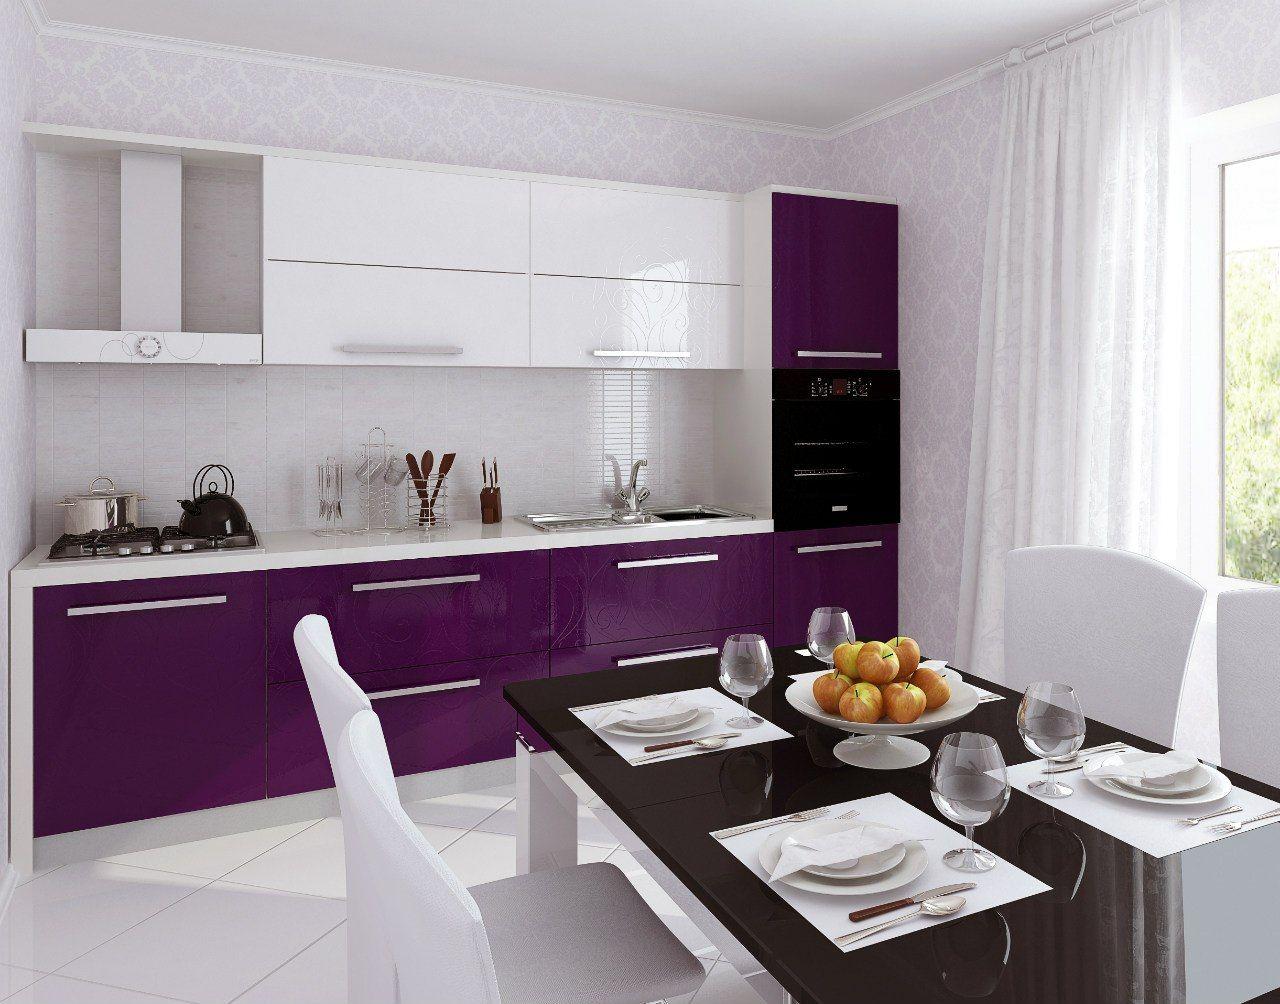 них, кухни фиолетового цвета с белым фото фартук